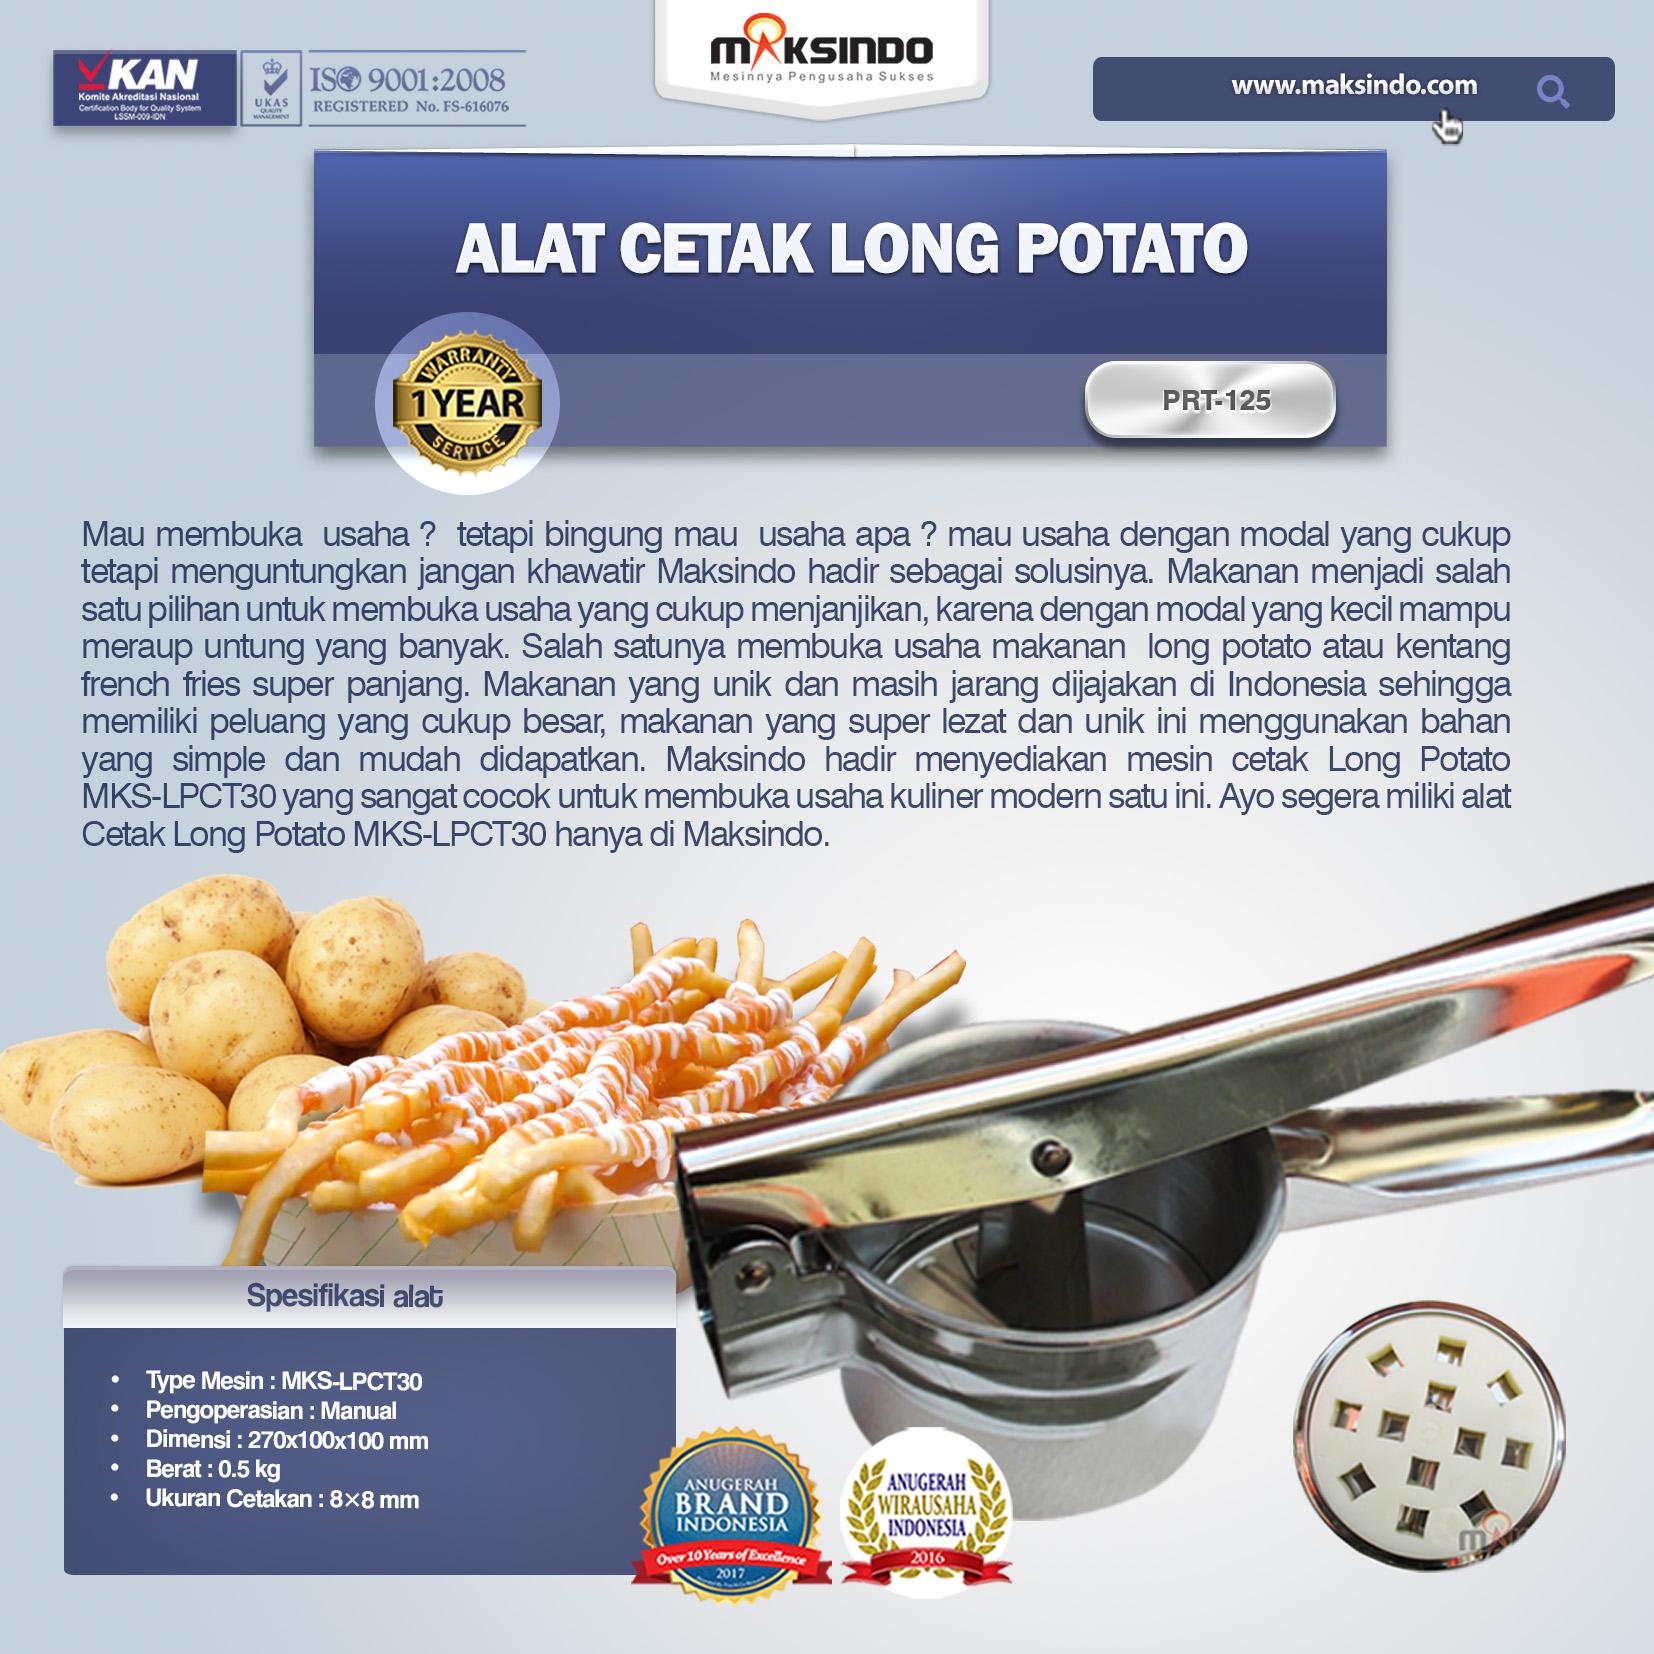 Jual Alat Cetak Long Potato MKS-LPCT30 di Makassar